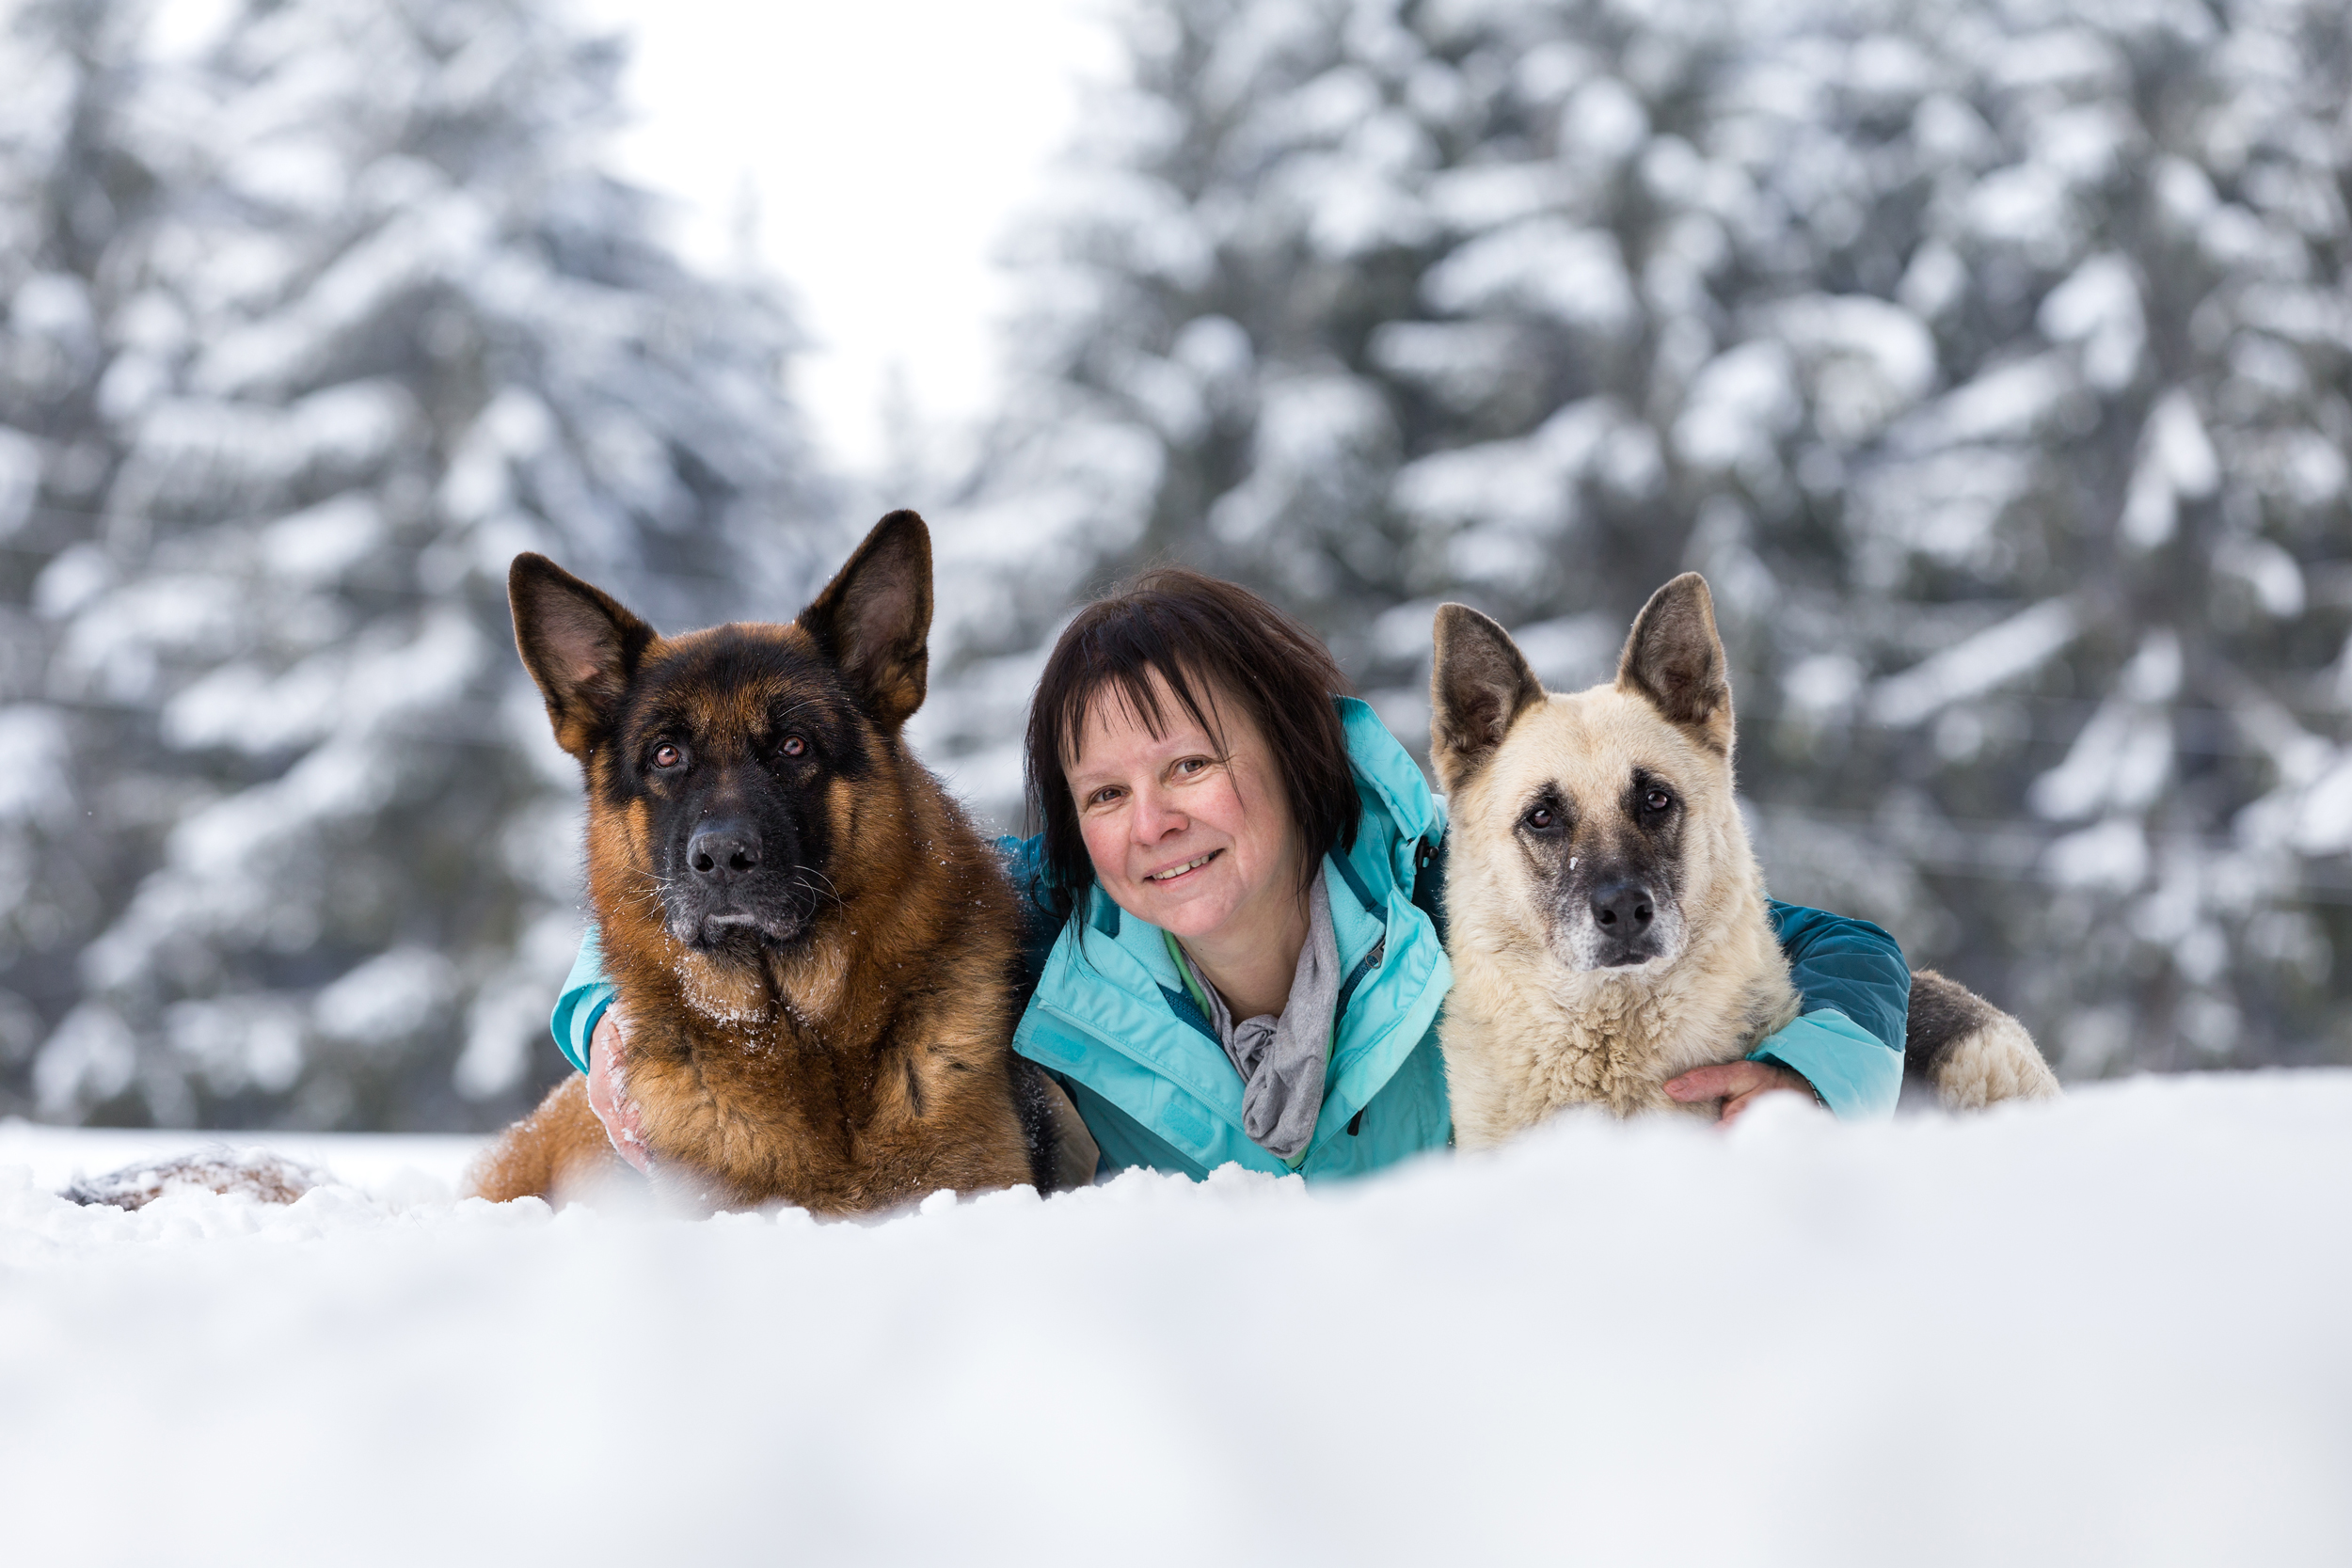 Tier- und Menschfotografie rund um Basel: Wir hatten einen richtig schönen Tag im Schnee